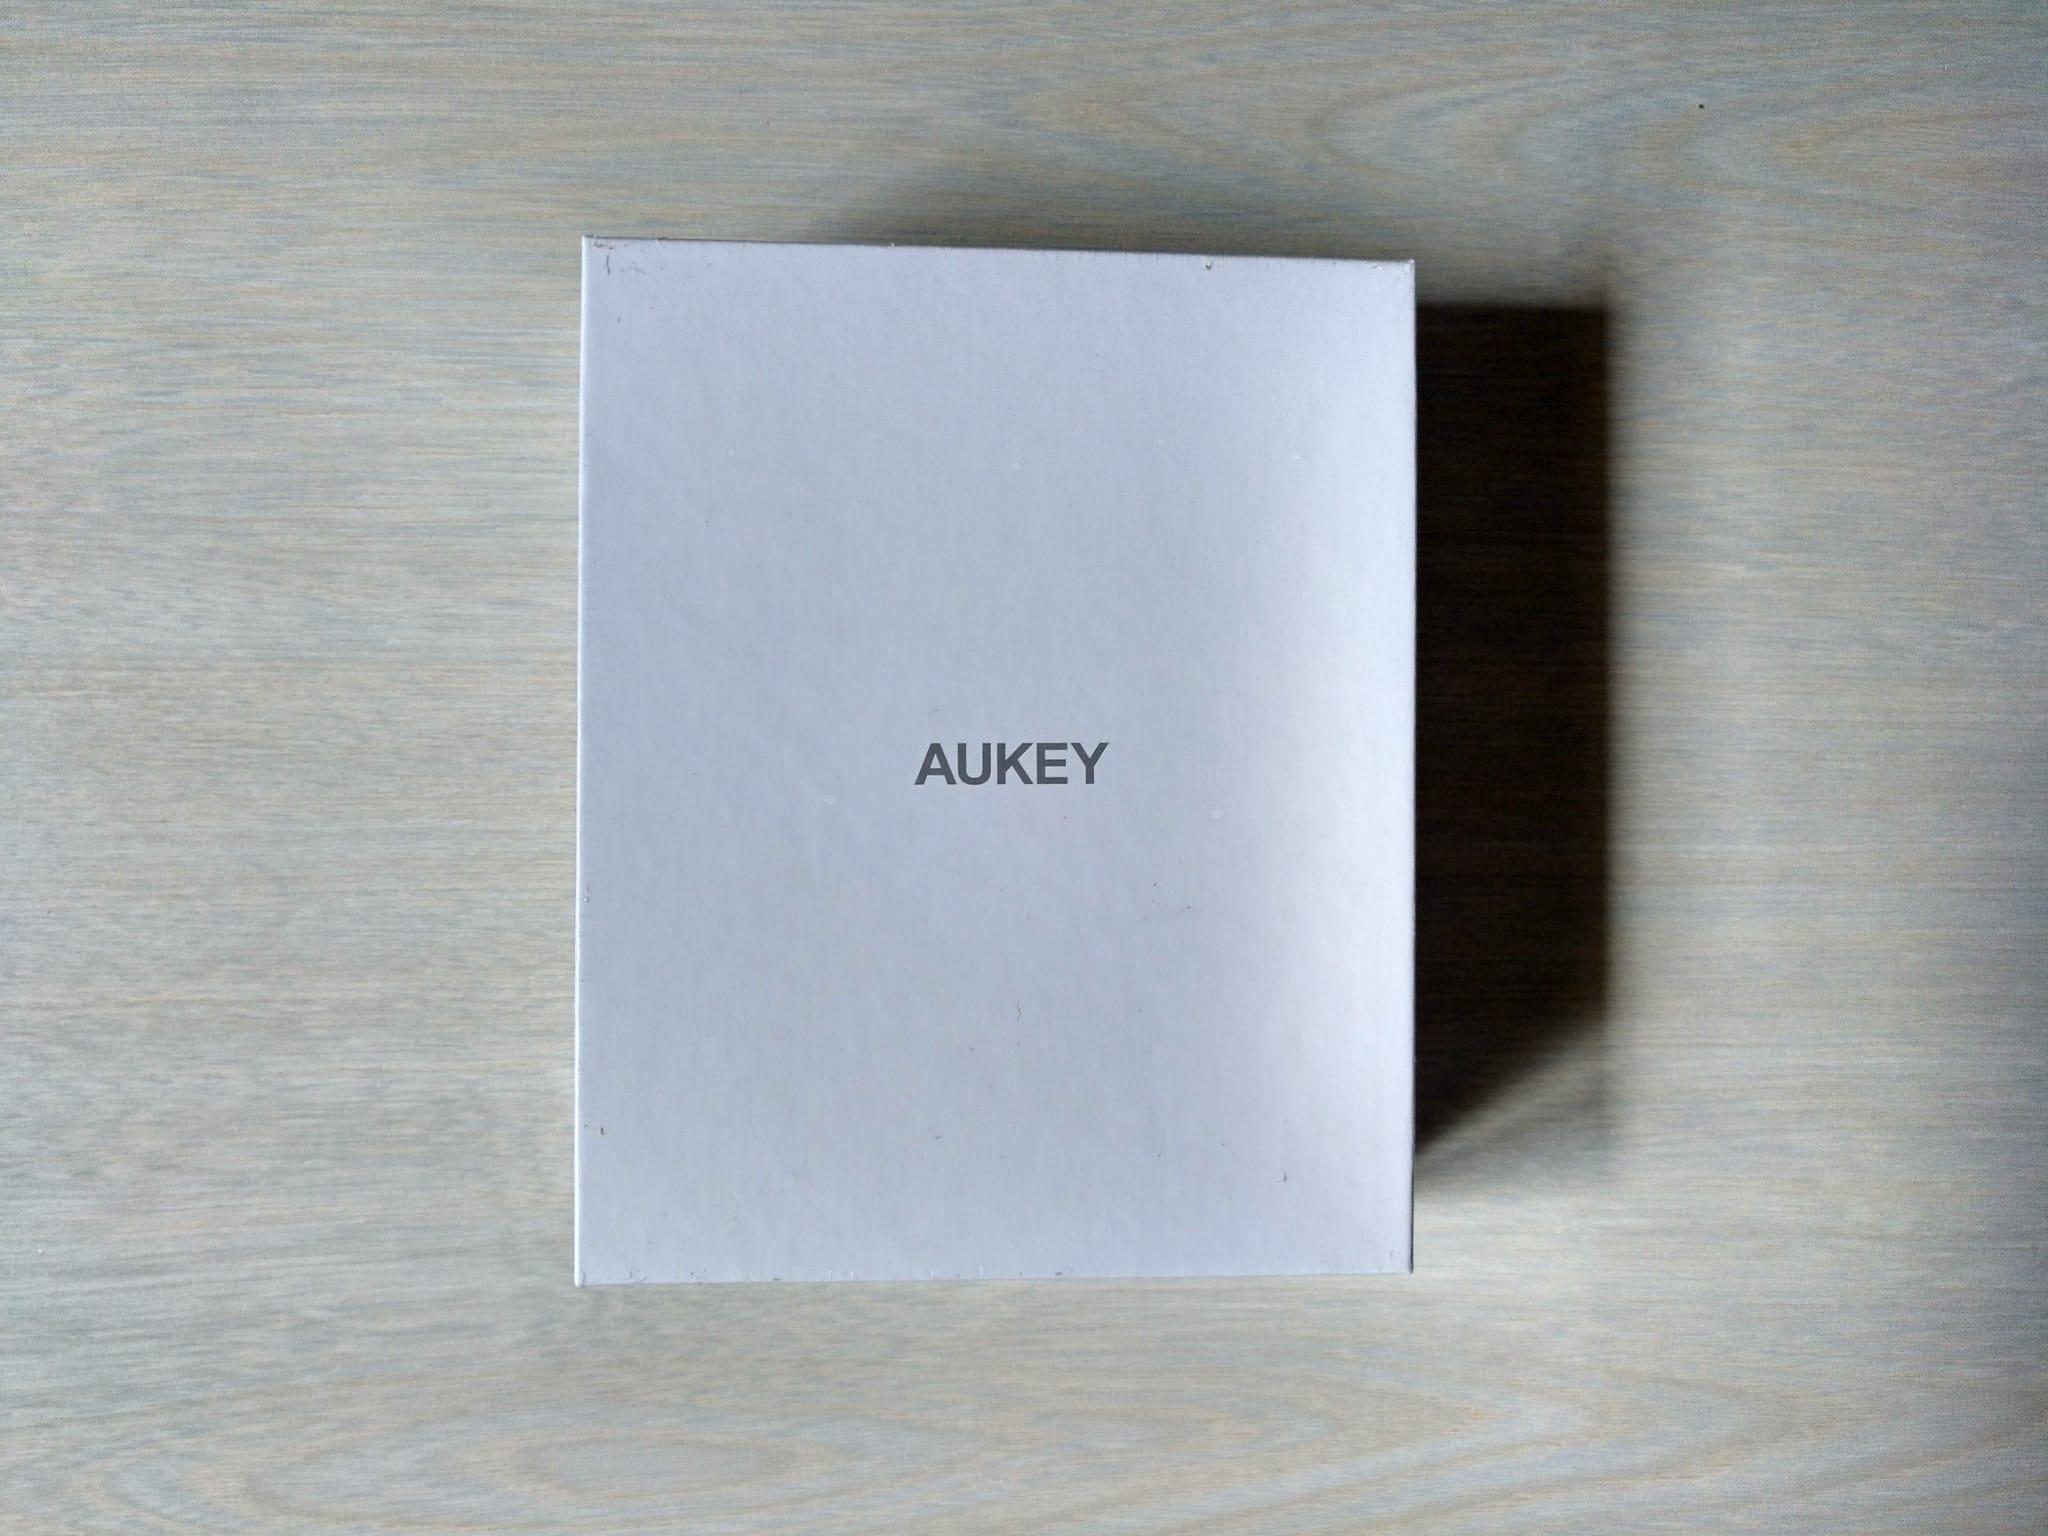 AUKEY Auriculares Inalámbricos con Cancelación de Ruido - Review en Español